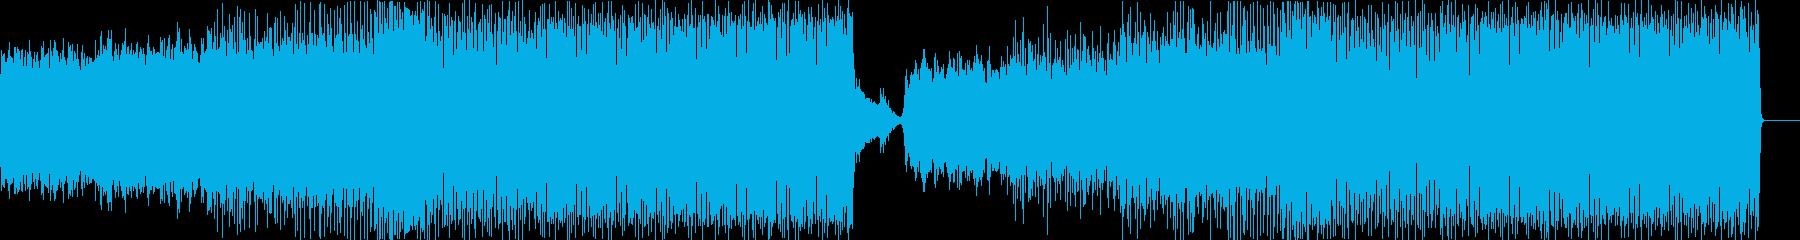 幻想的なピアノと緊張感あるテクノの再生済みの波形